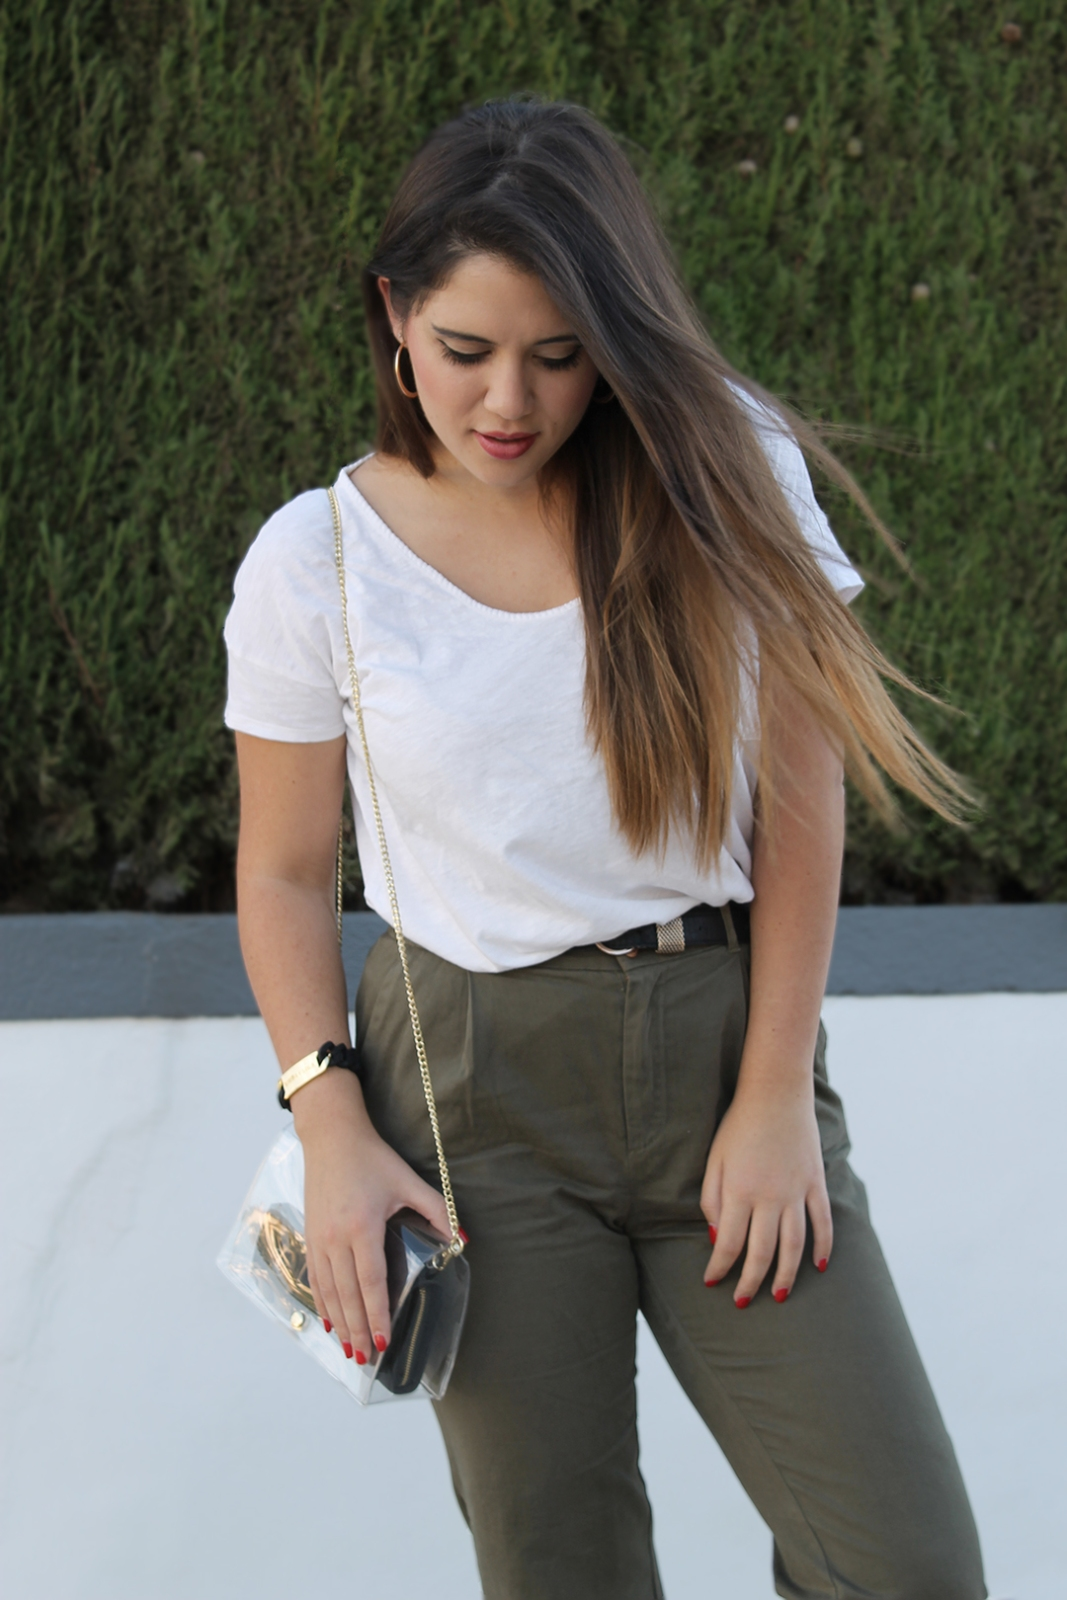 adidas_gazelle_12